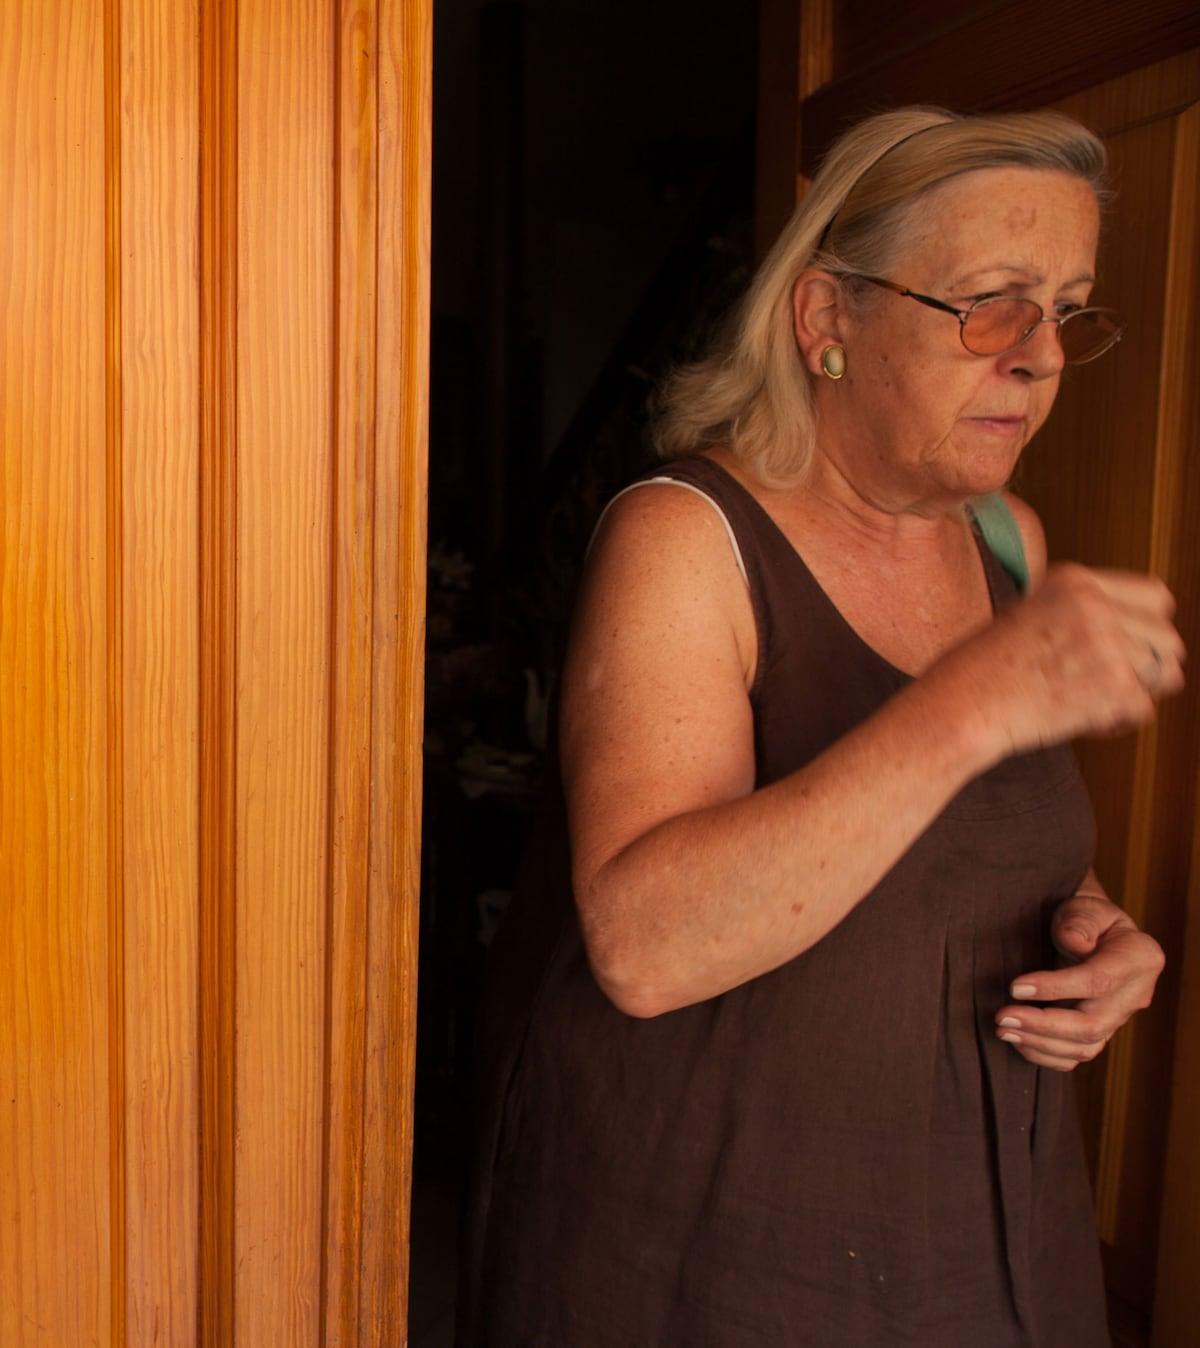 Maria Luisa from Picinisco